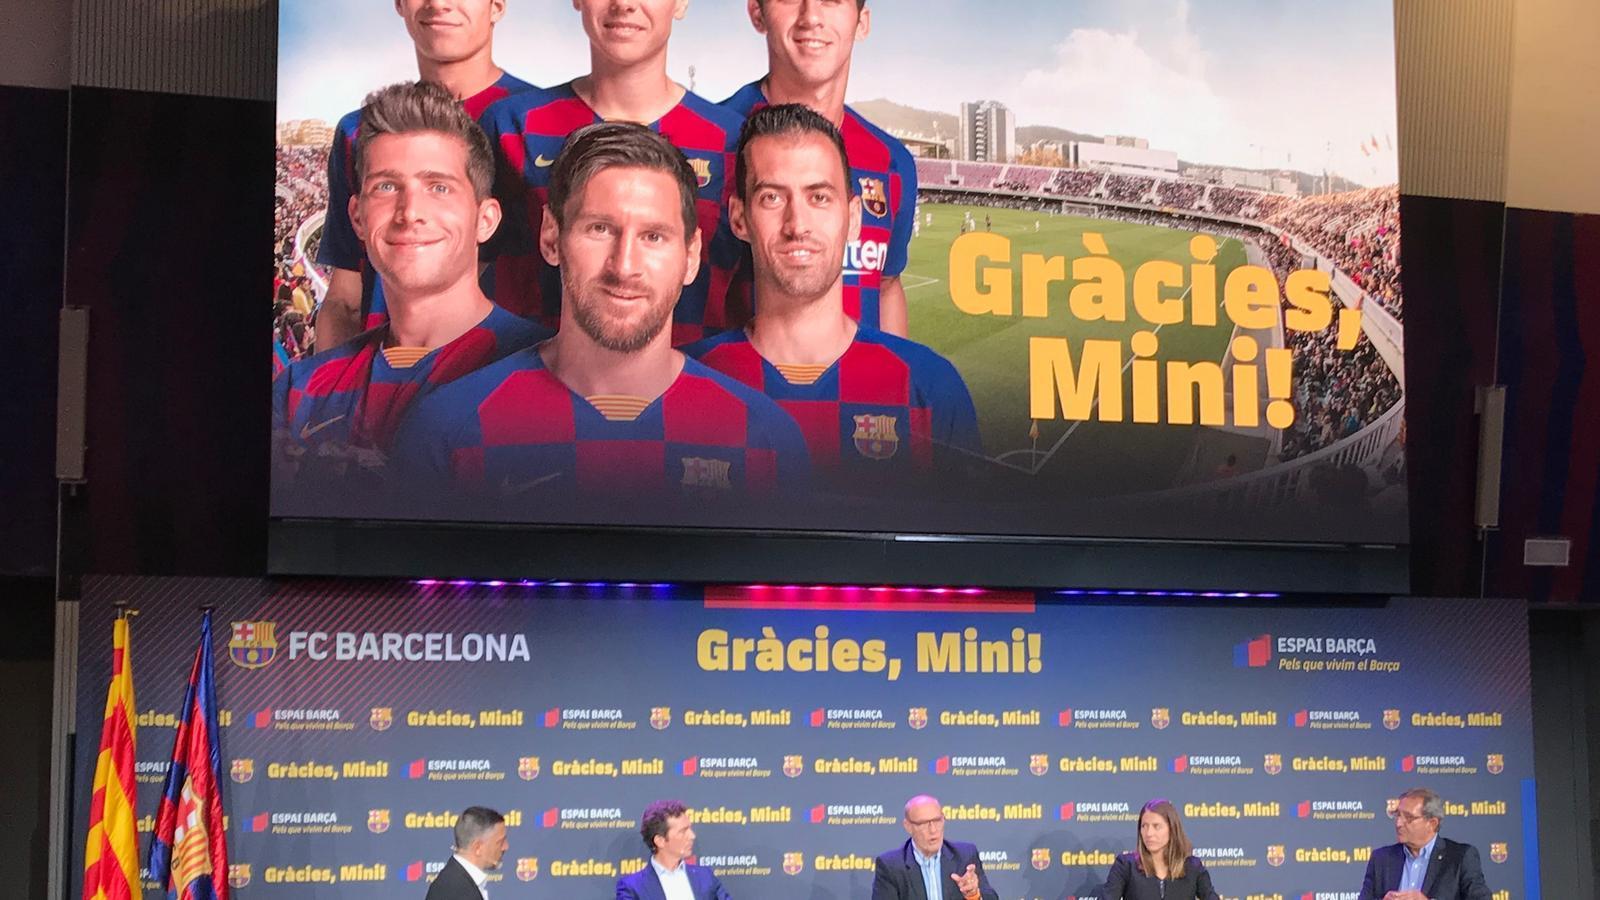 El Barça s'acomiada del Miniestadi